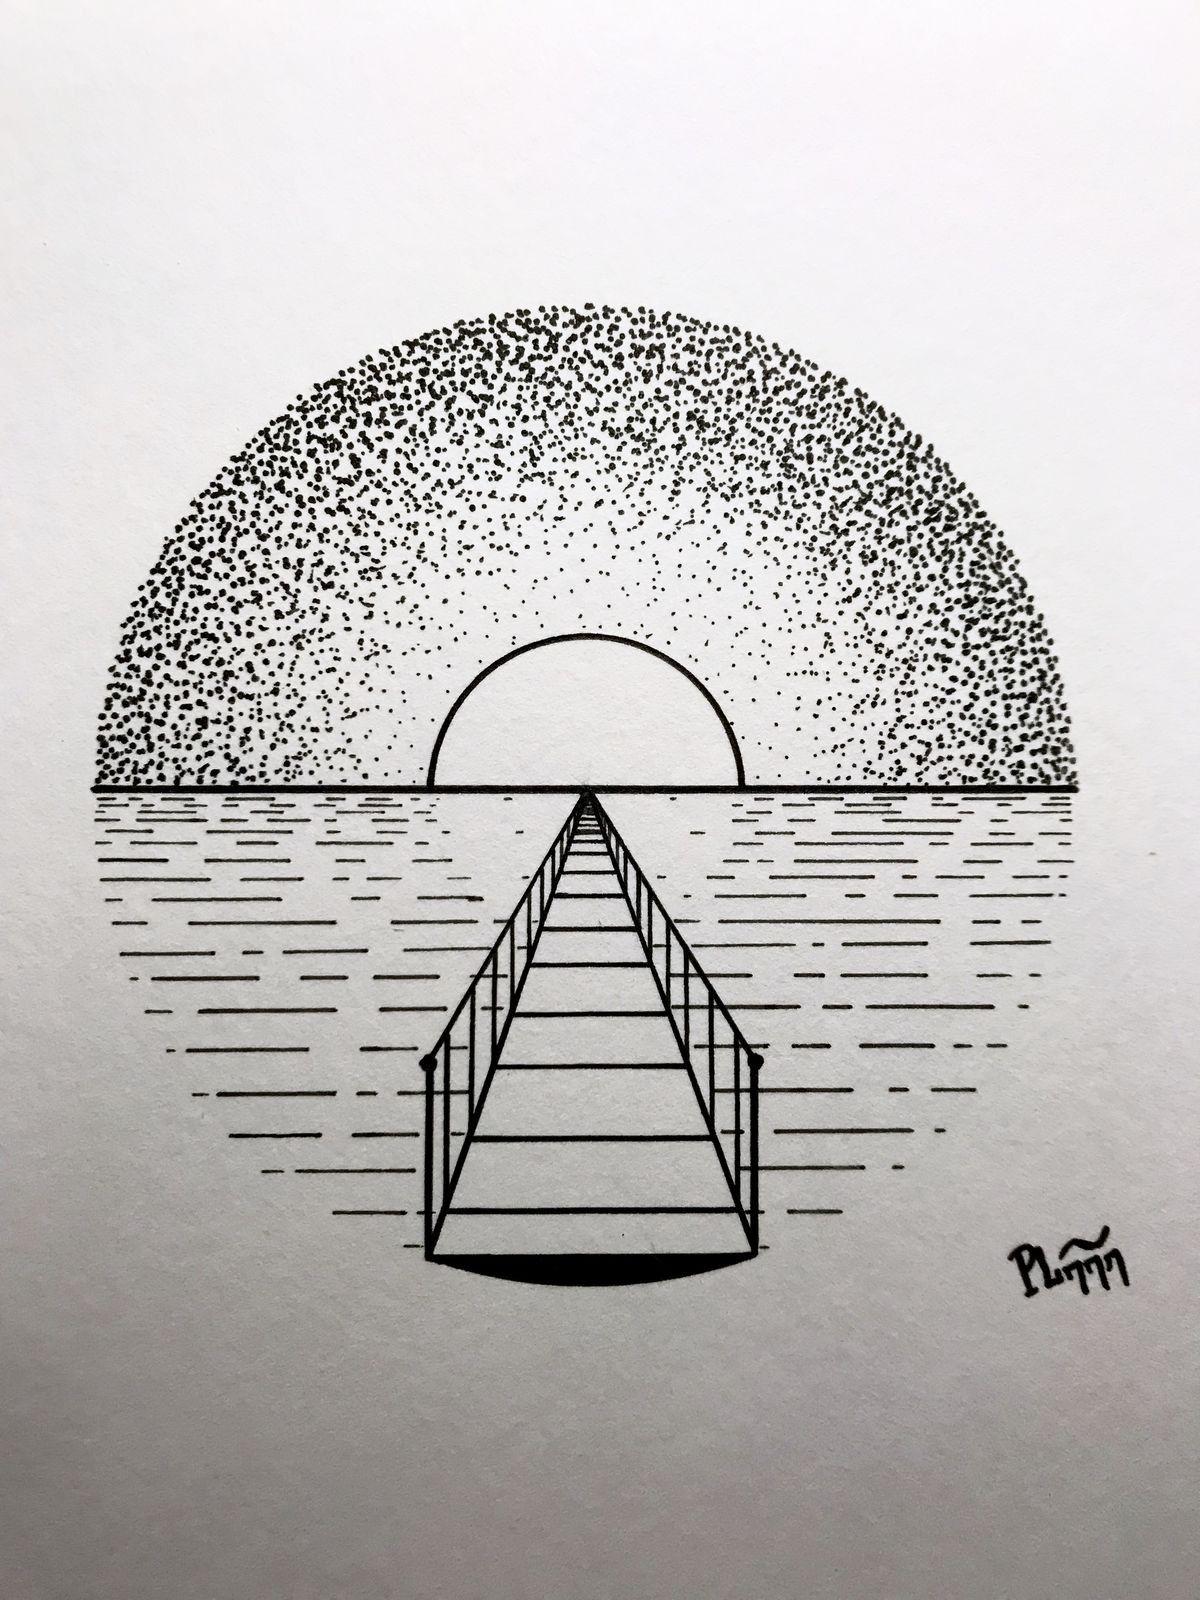 Muhtesem Farkli Karakalem Cizimleri Guzel Sozler Cool Art Drawings Art Drawings Simple Art Drawings Sketches